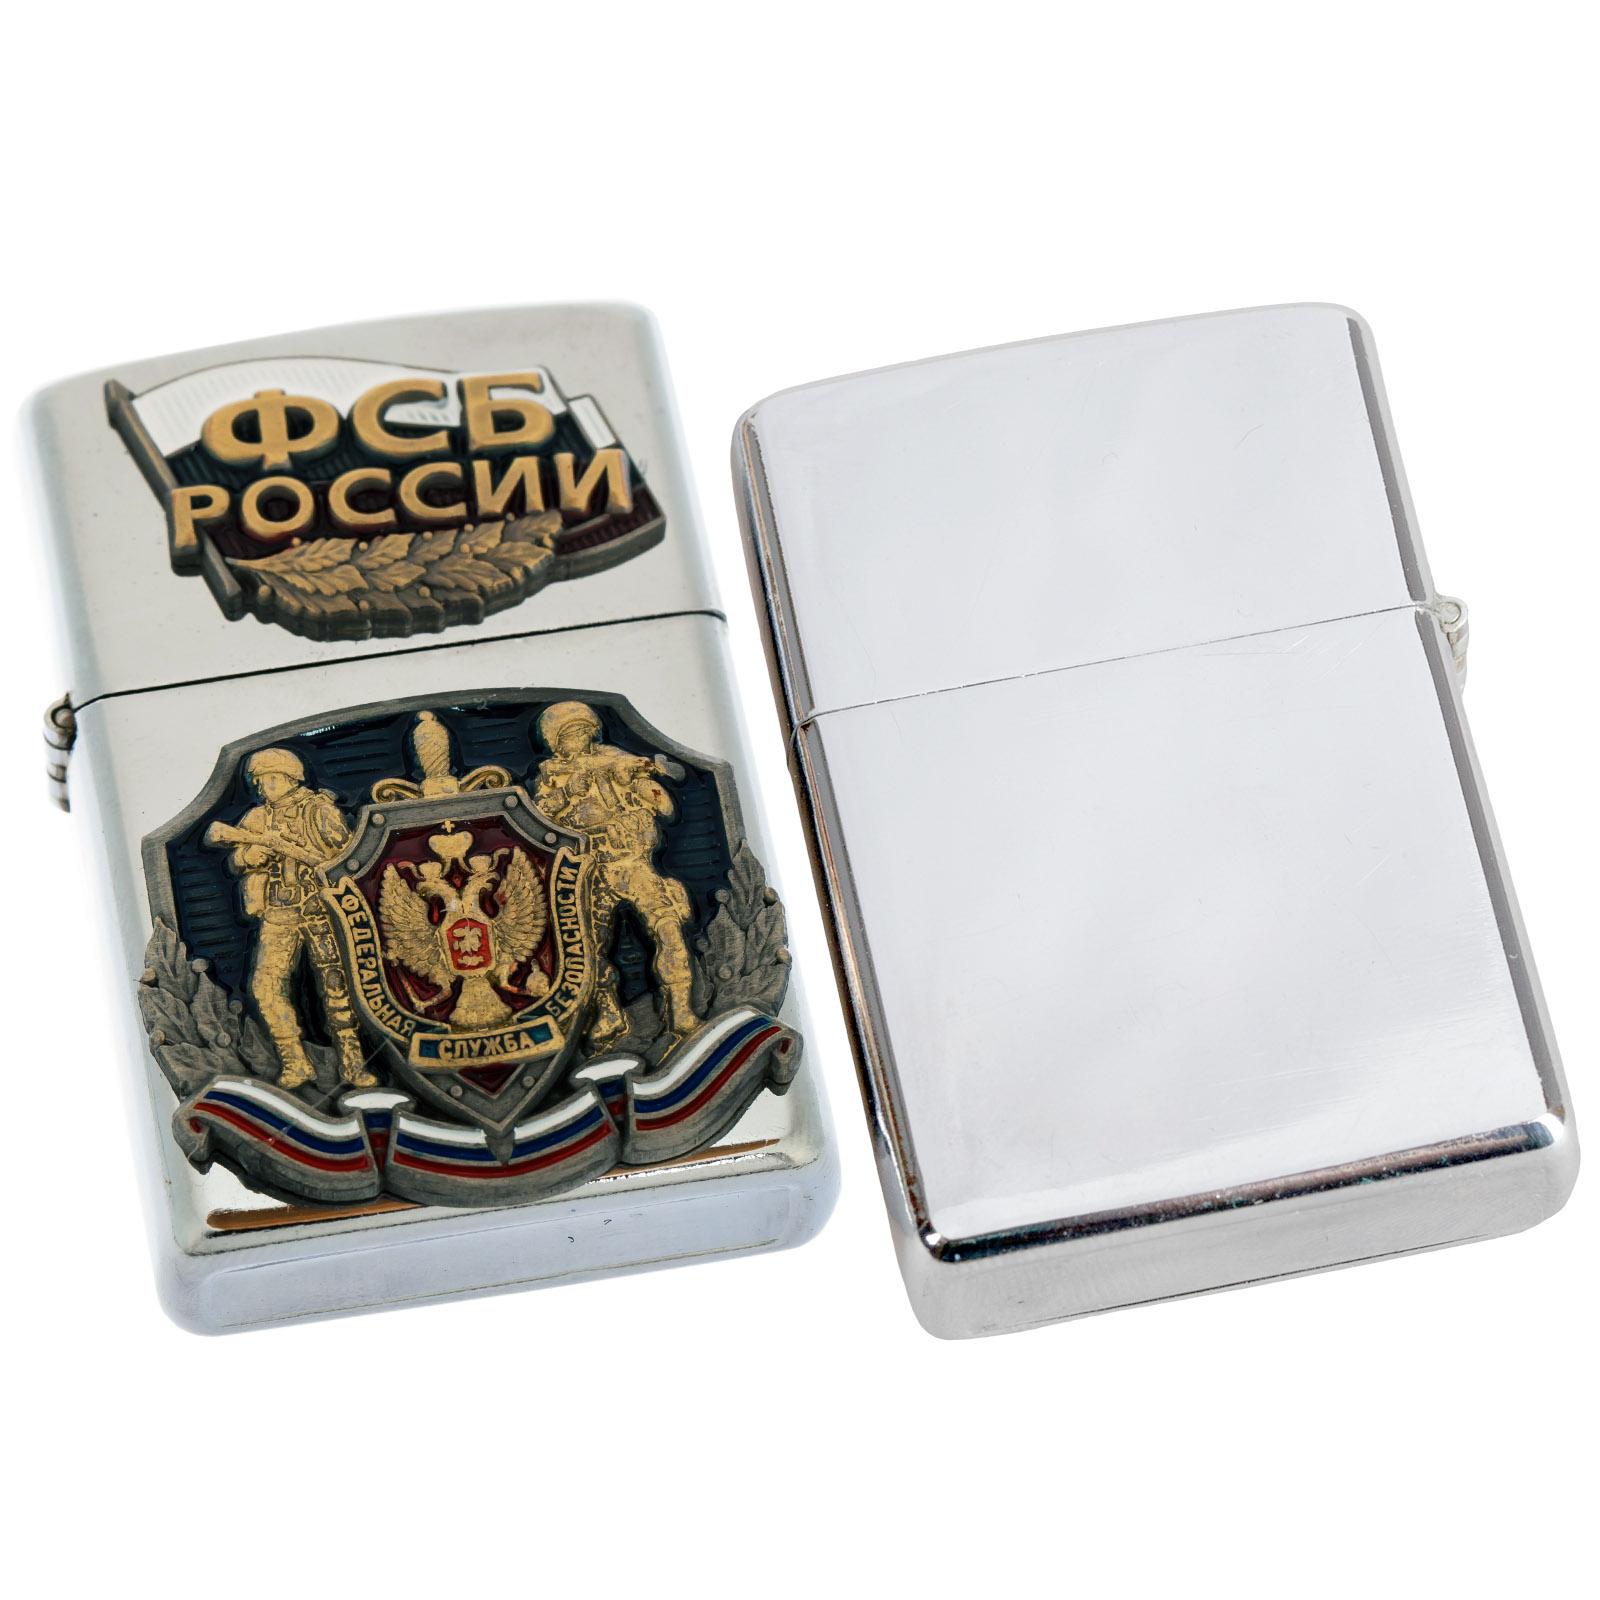 """Эксклюзивная зажигалка """"ФСБ России"""" по выгодной цене"""